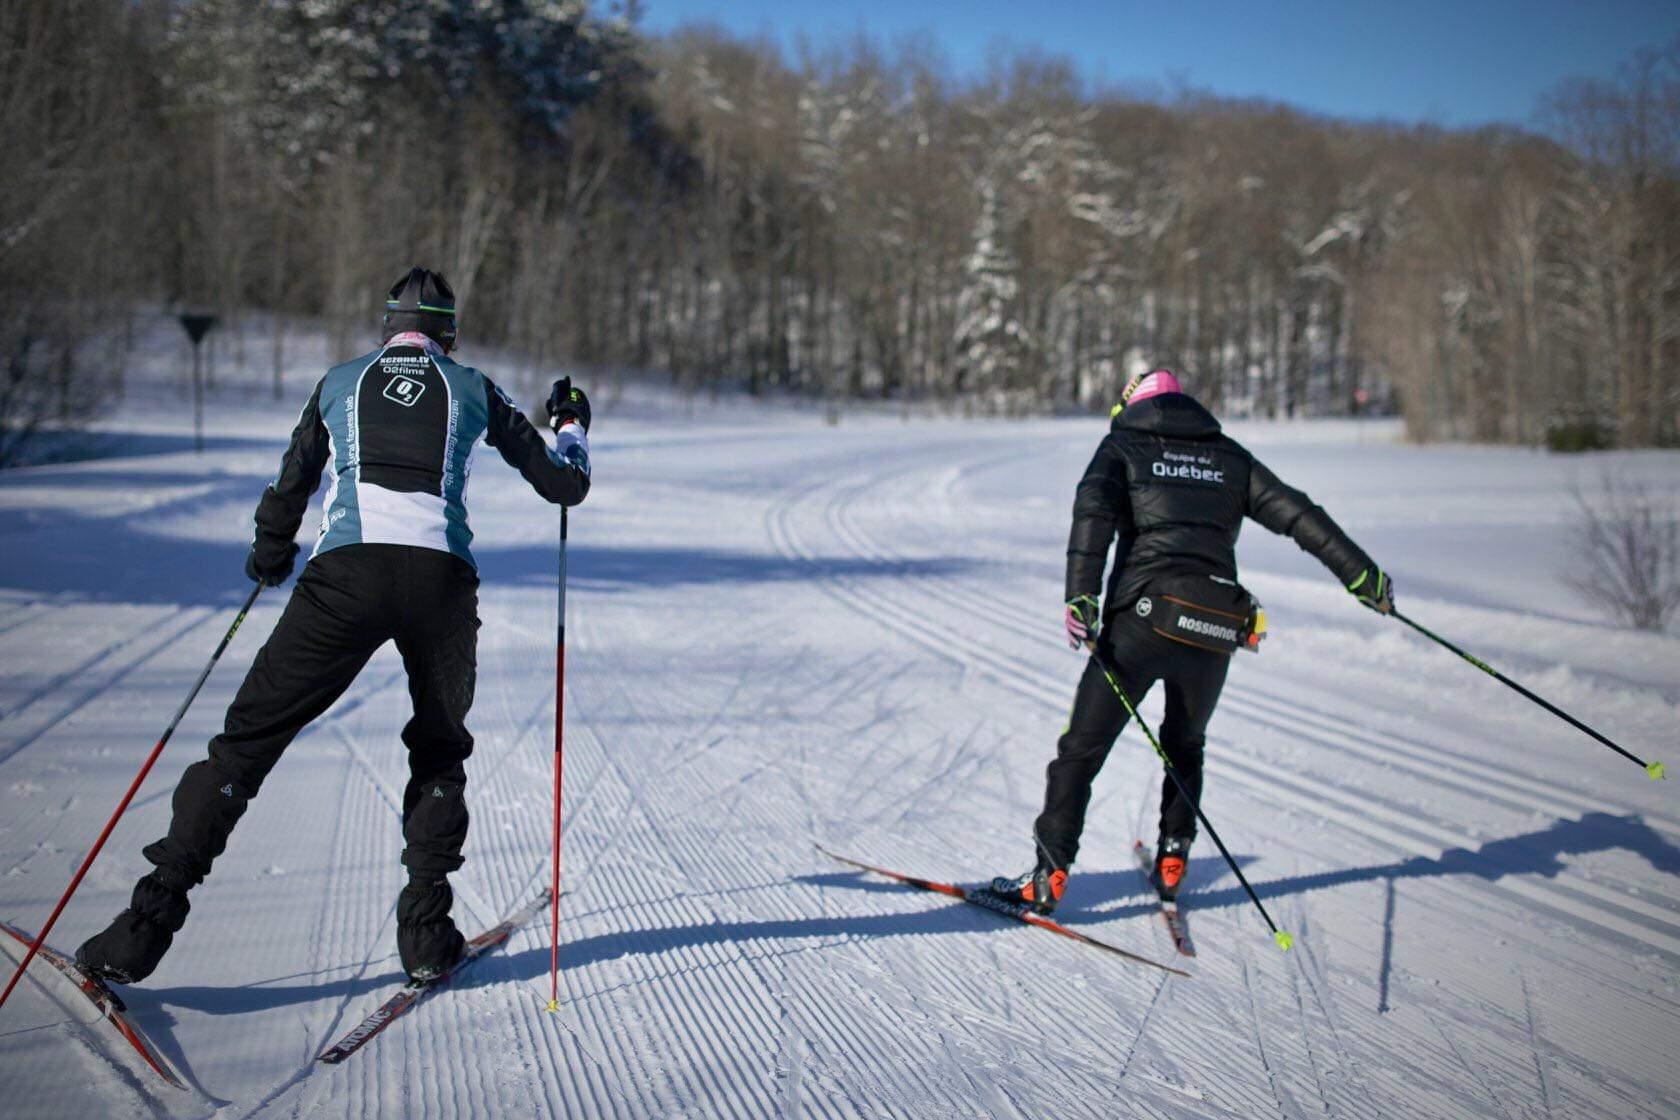 Réservez votre premier cours.Votre technique de ski ne sera plus jamais la même. -